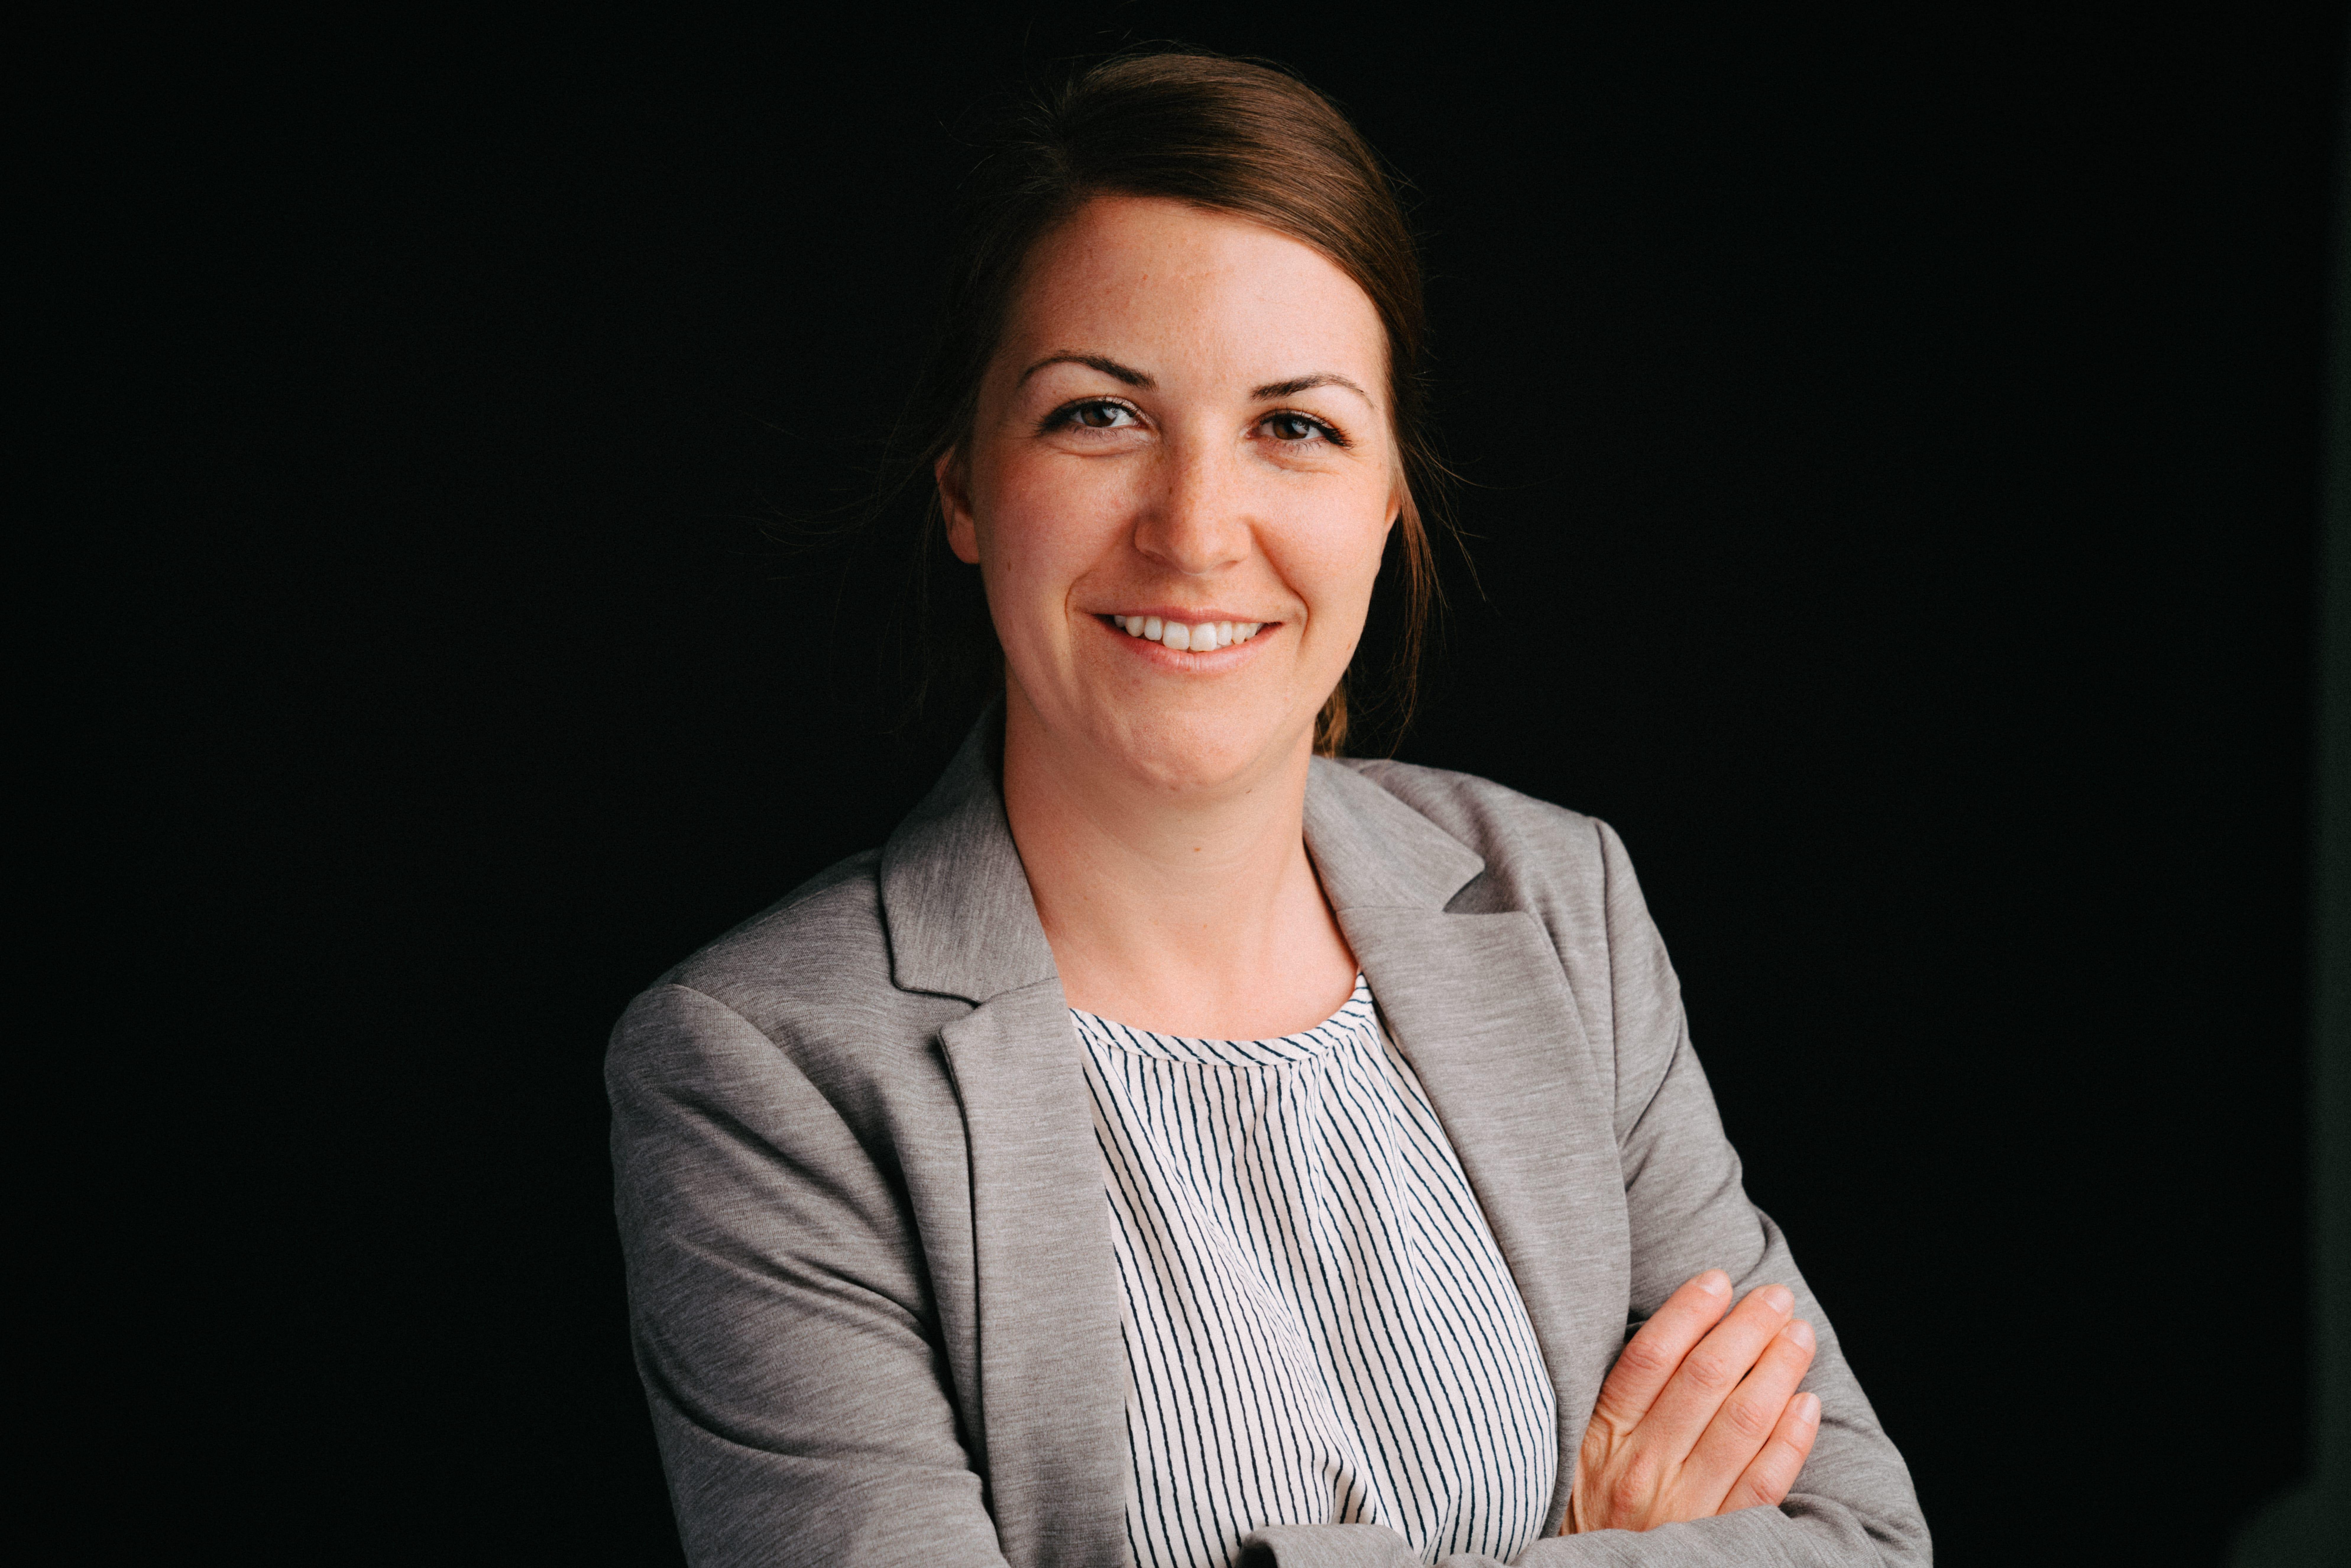 Alisha Portrait